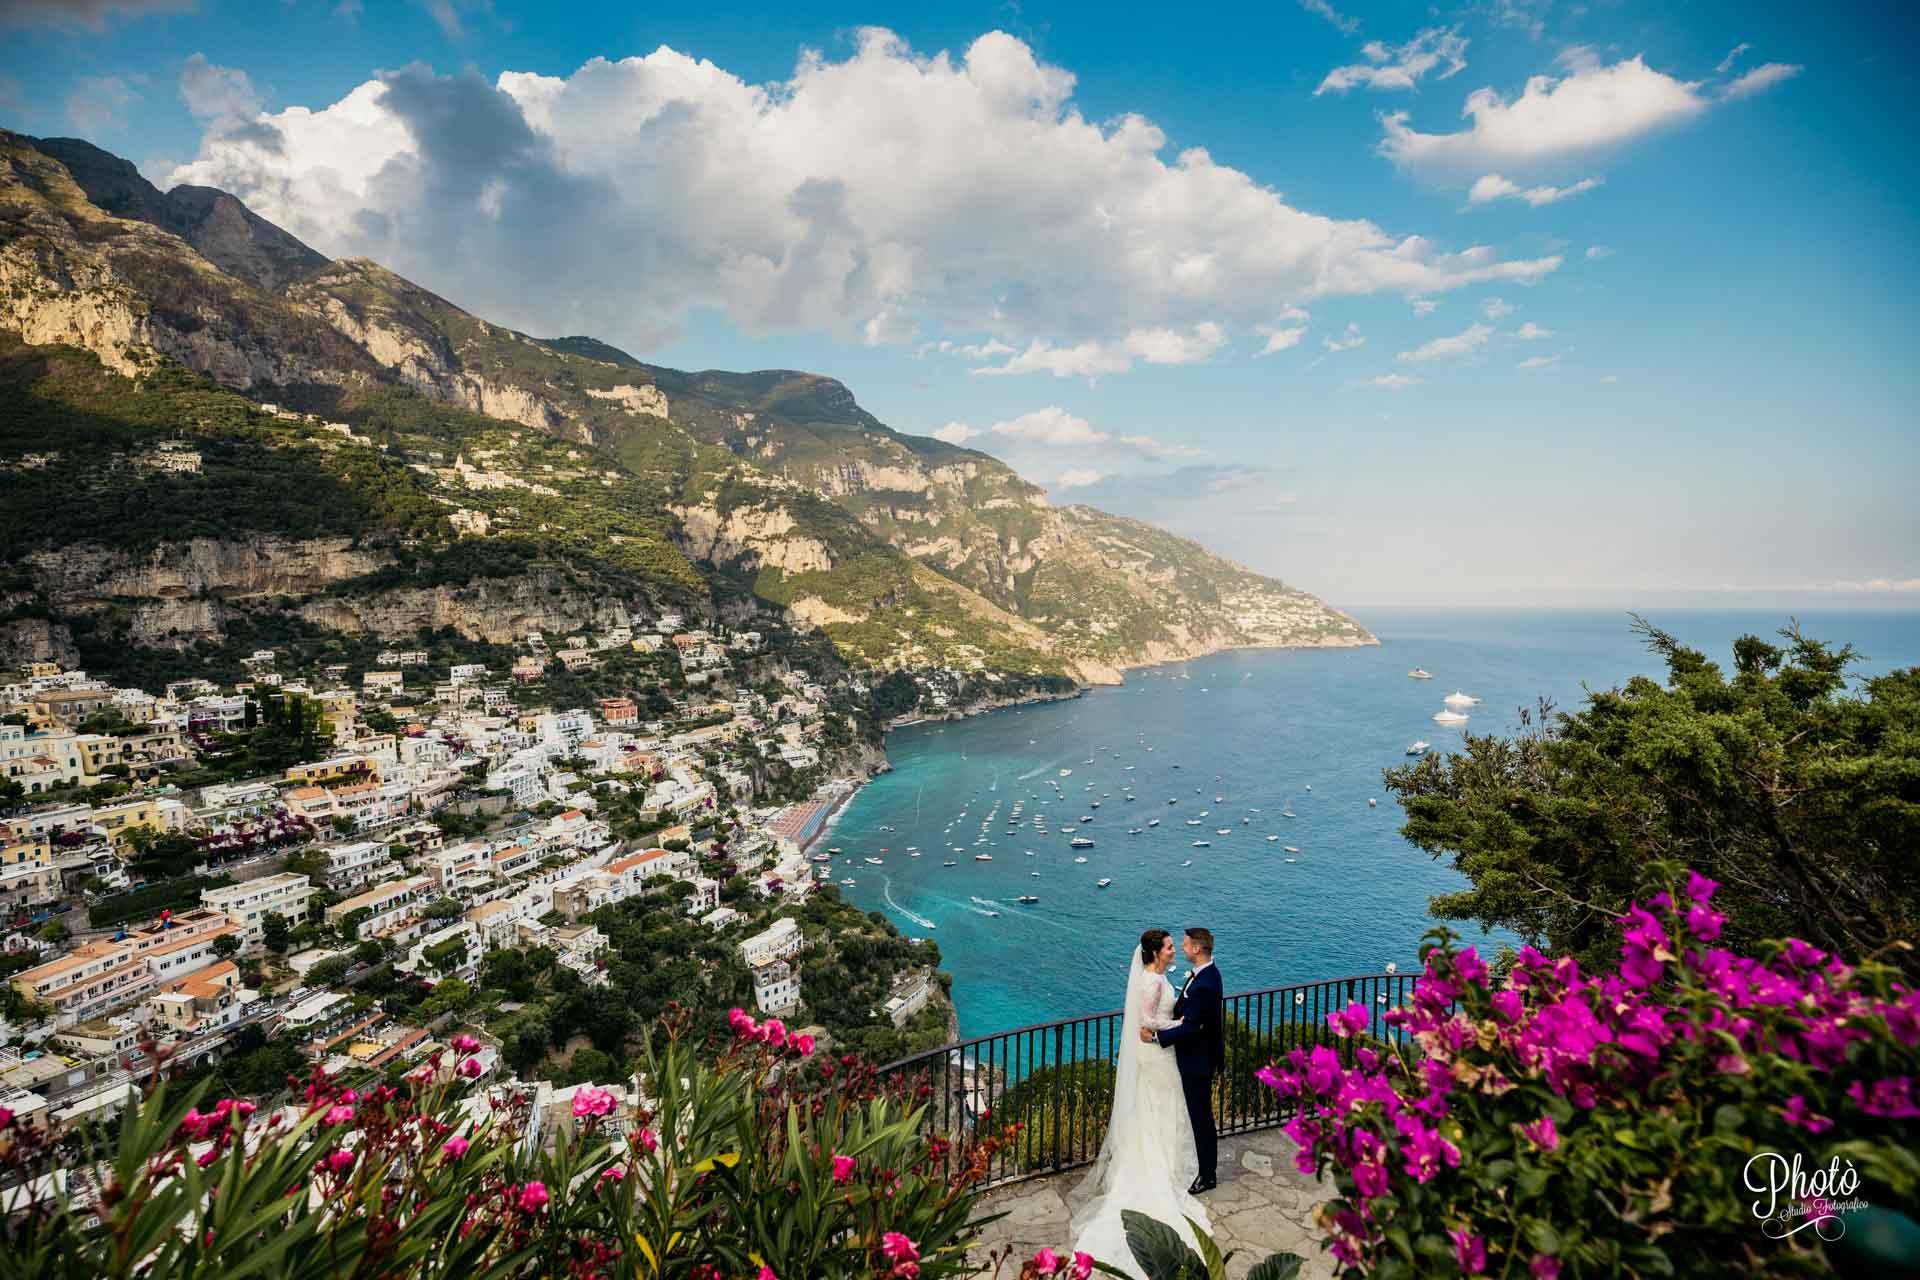 Matrimonio Spiaggia Positano : Matrimonio in spiaggia sposarsi al mare le location più